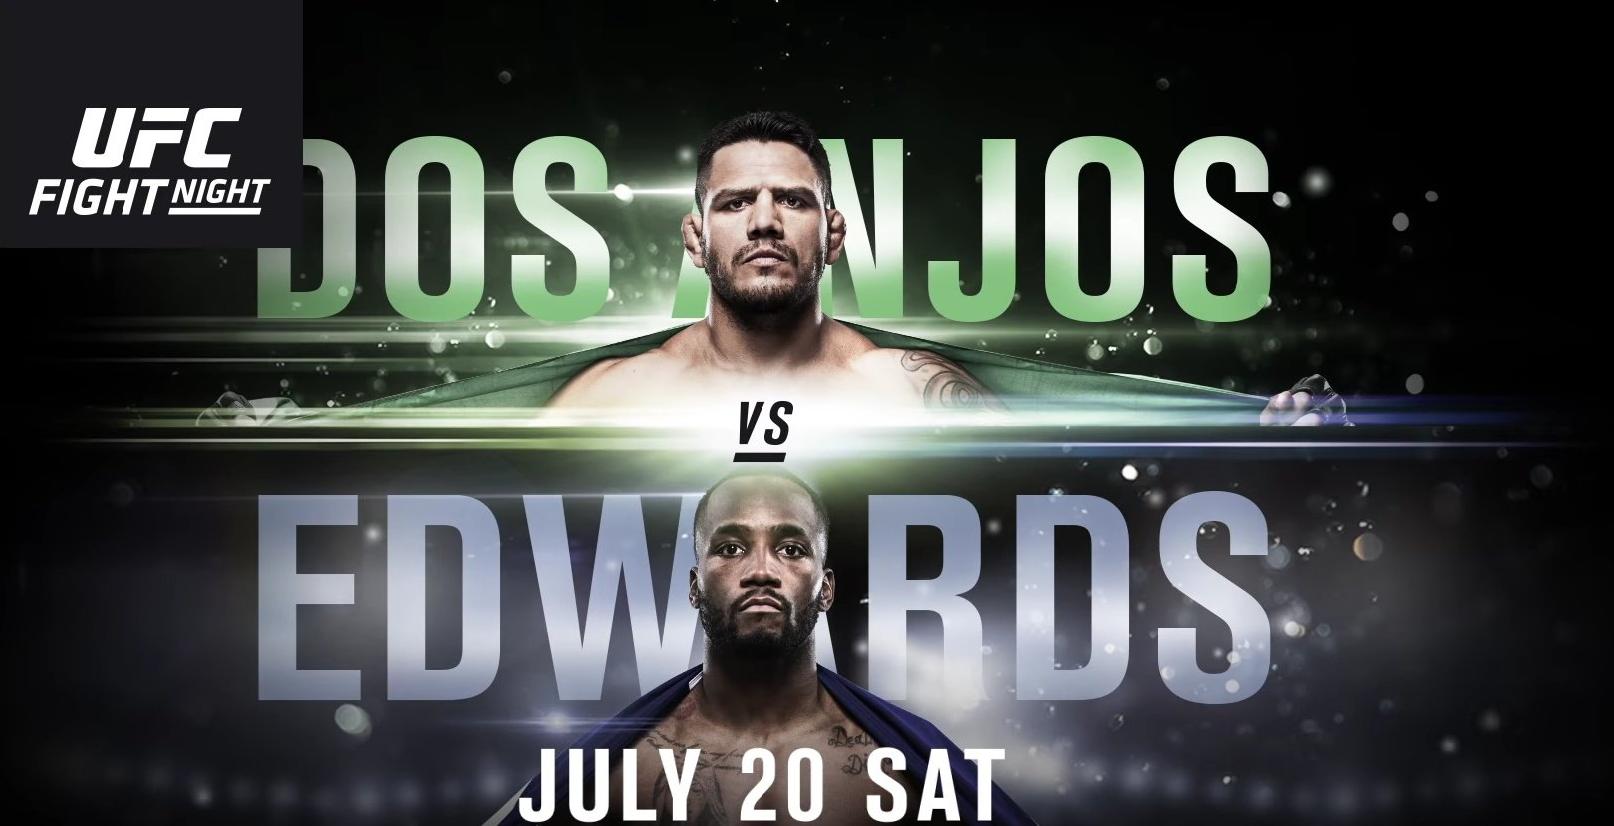 UFC San Antonio weigh-in results - Dos Anjos vs. Edwards  UFC San Antonio...